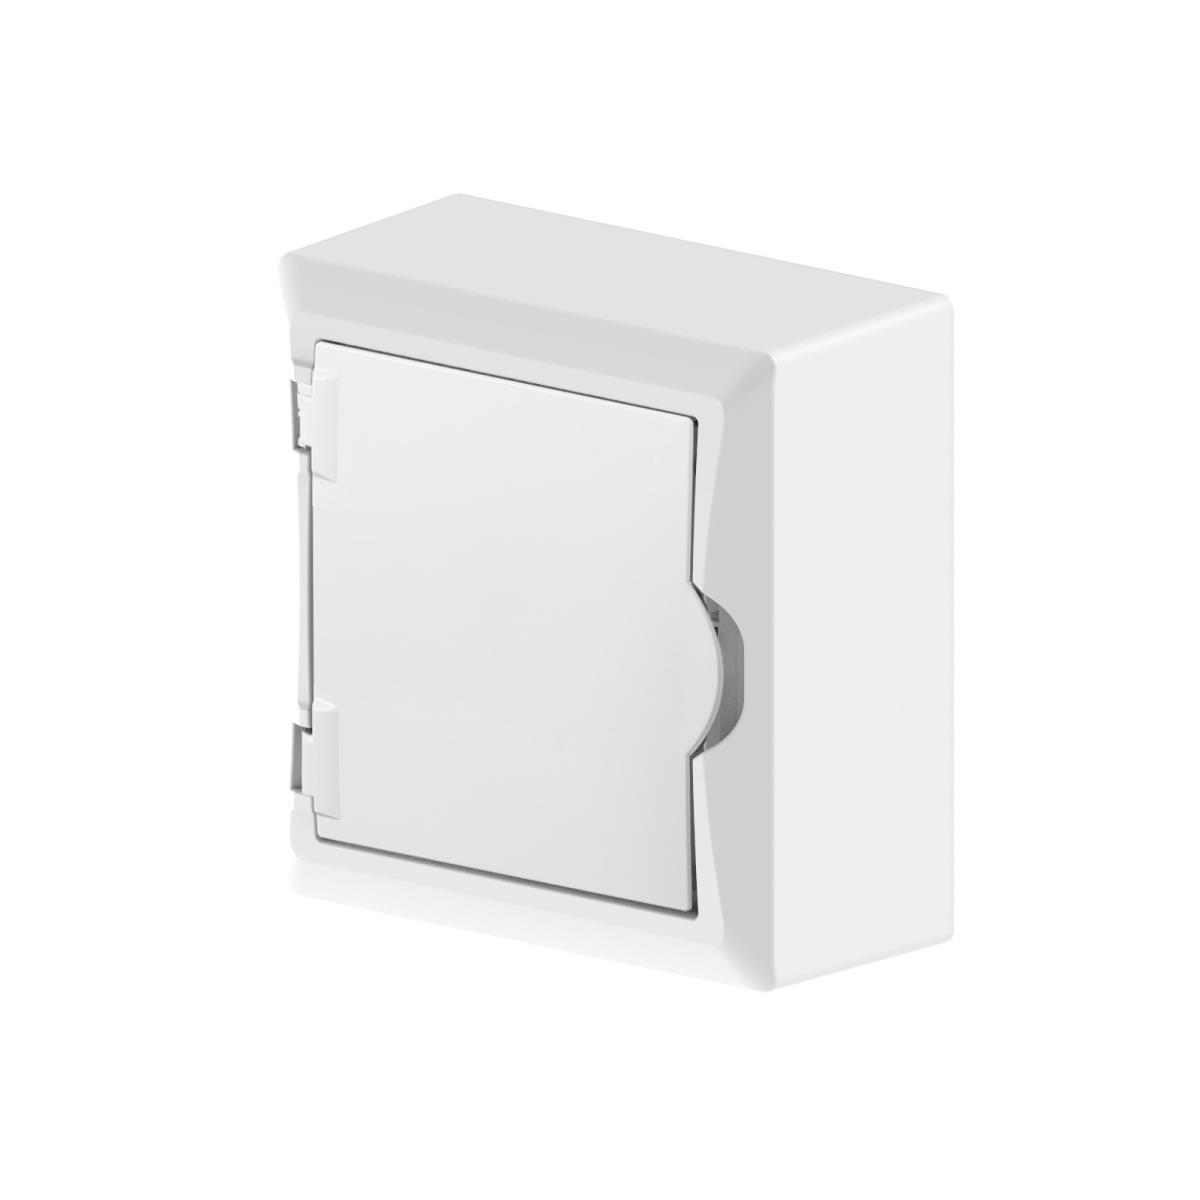 Sicherungskasten Verteilerkasten Aufputzverteiler 6 Module Aufputz IP40,Elektro-Plast,2501-00, 5902012986509